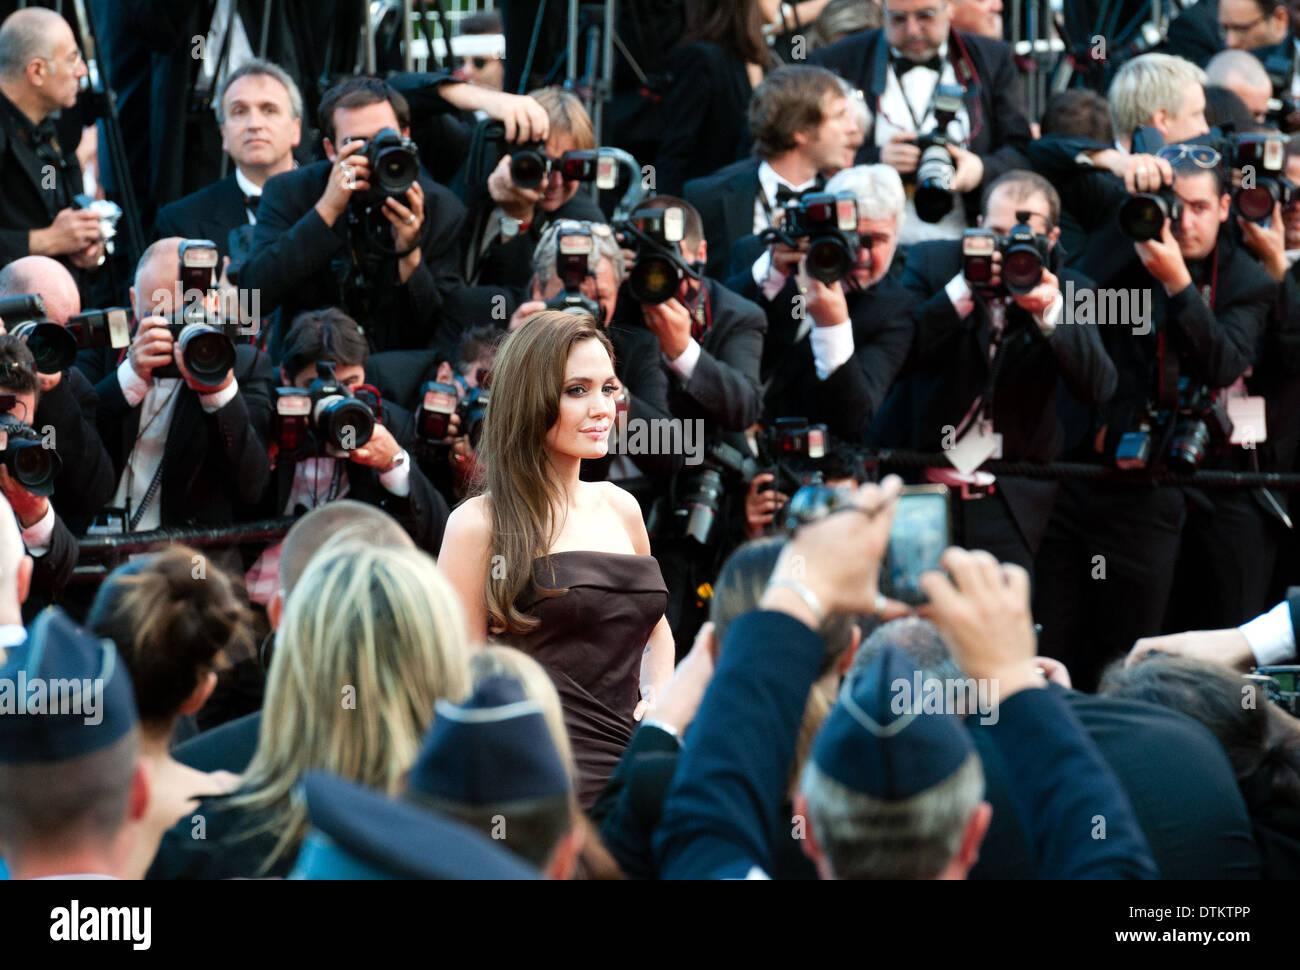 Europa, Frankreich, Alpes-Maritimes, Filmfestspiele von Cannes. Die Schauspielerin Angelina Jolie. Stockbild